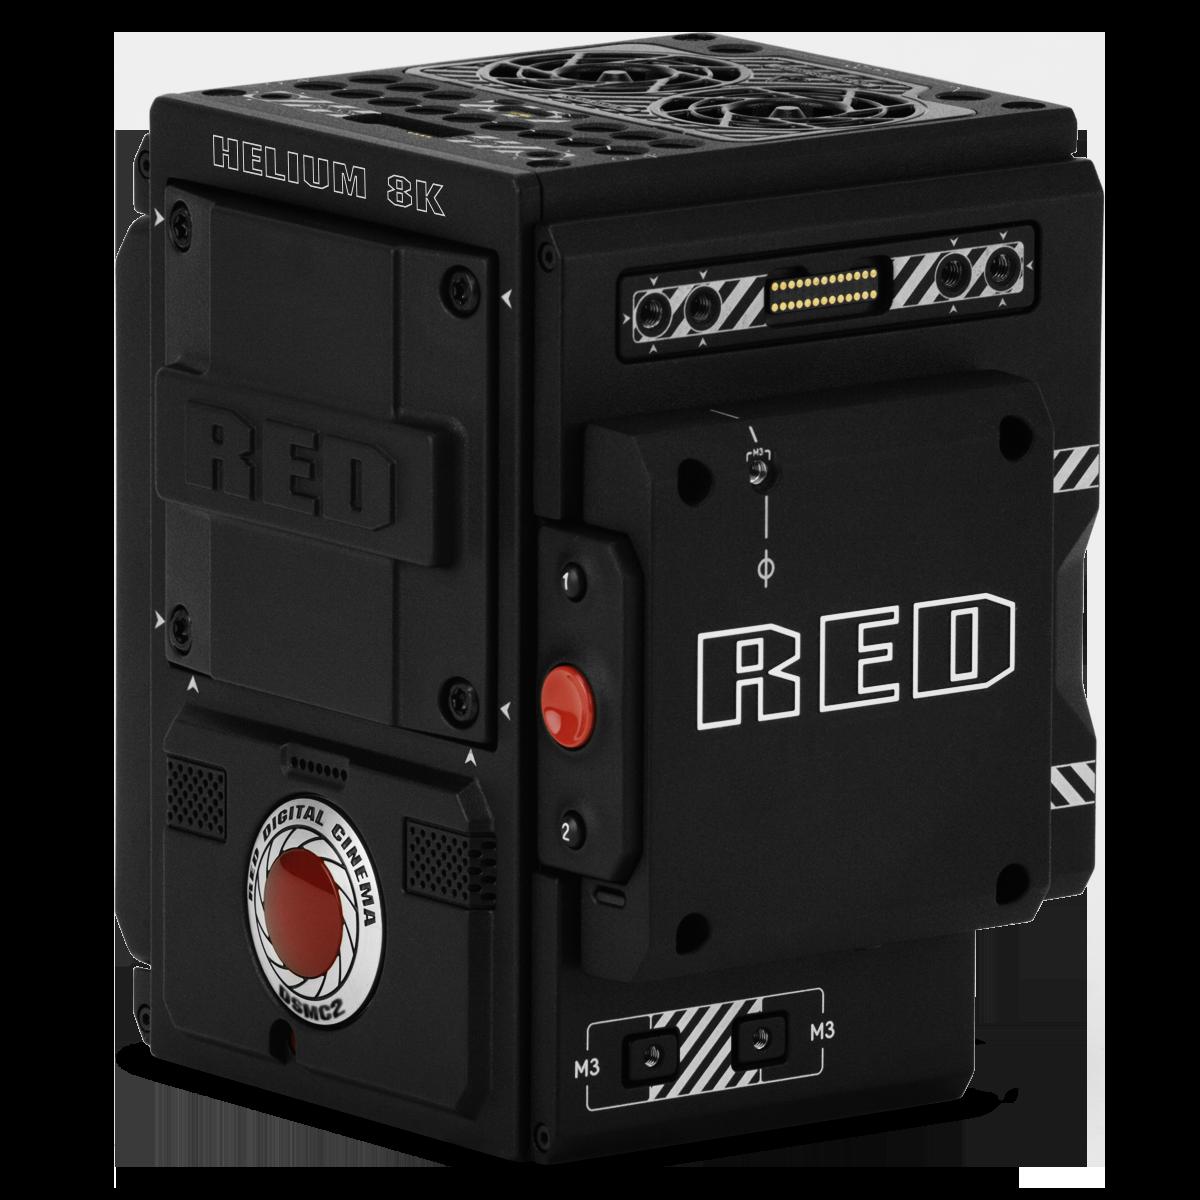 RED Helium 8K S35